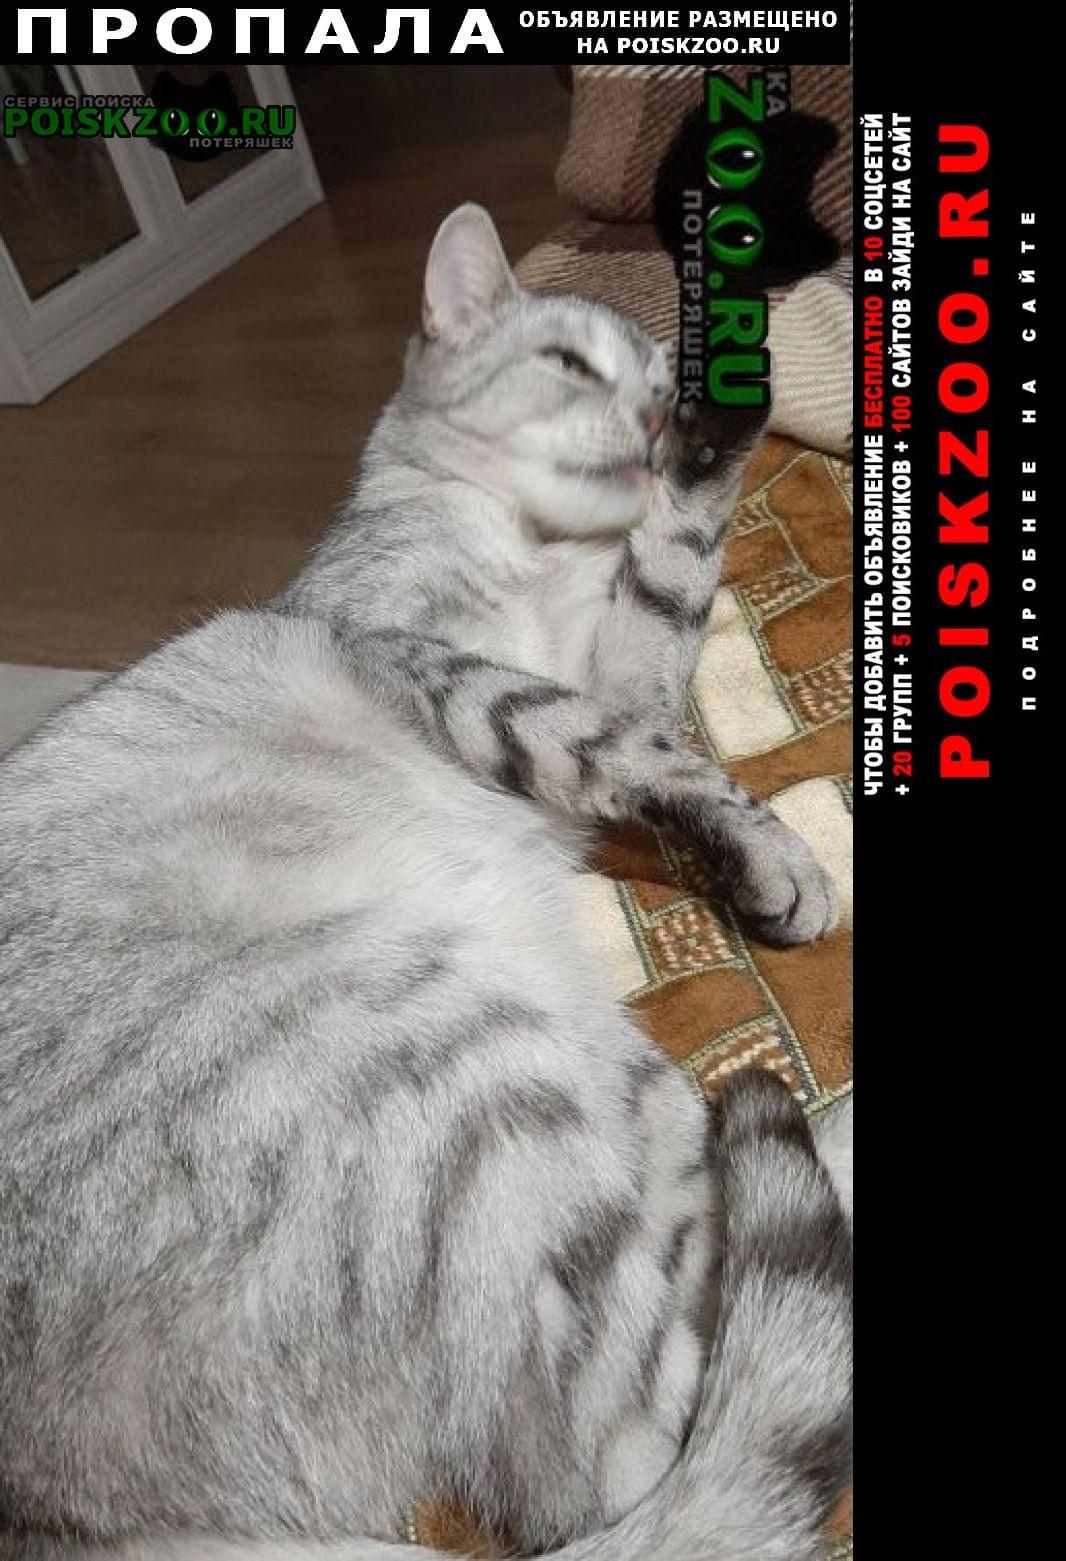 Пропала кошка Ликино-Дулево